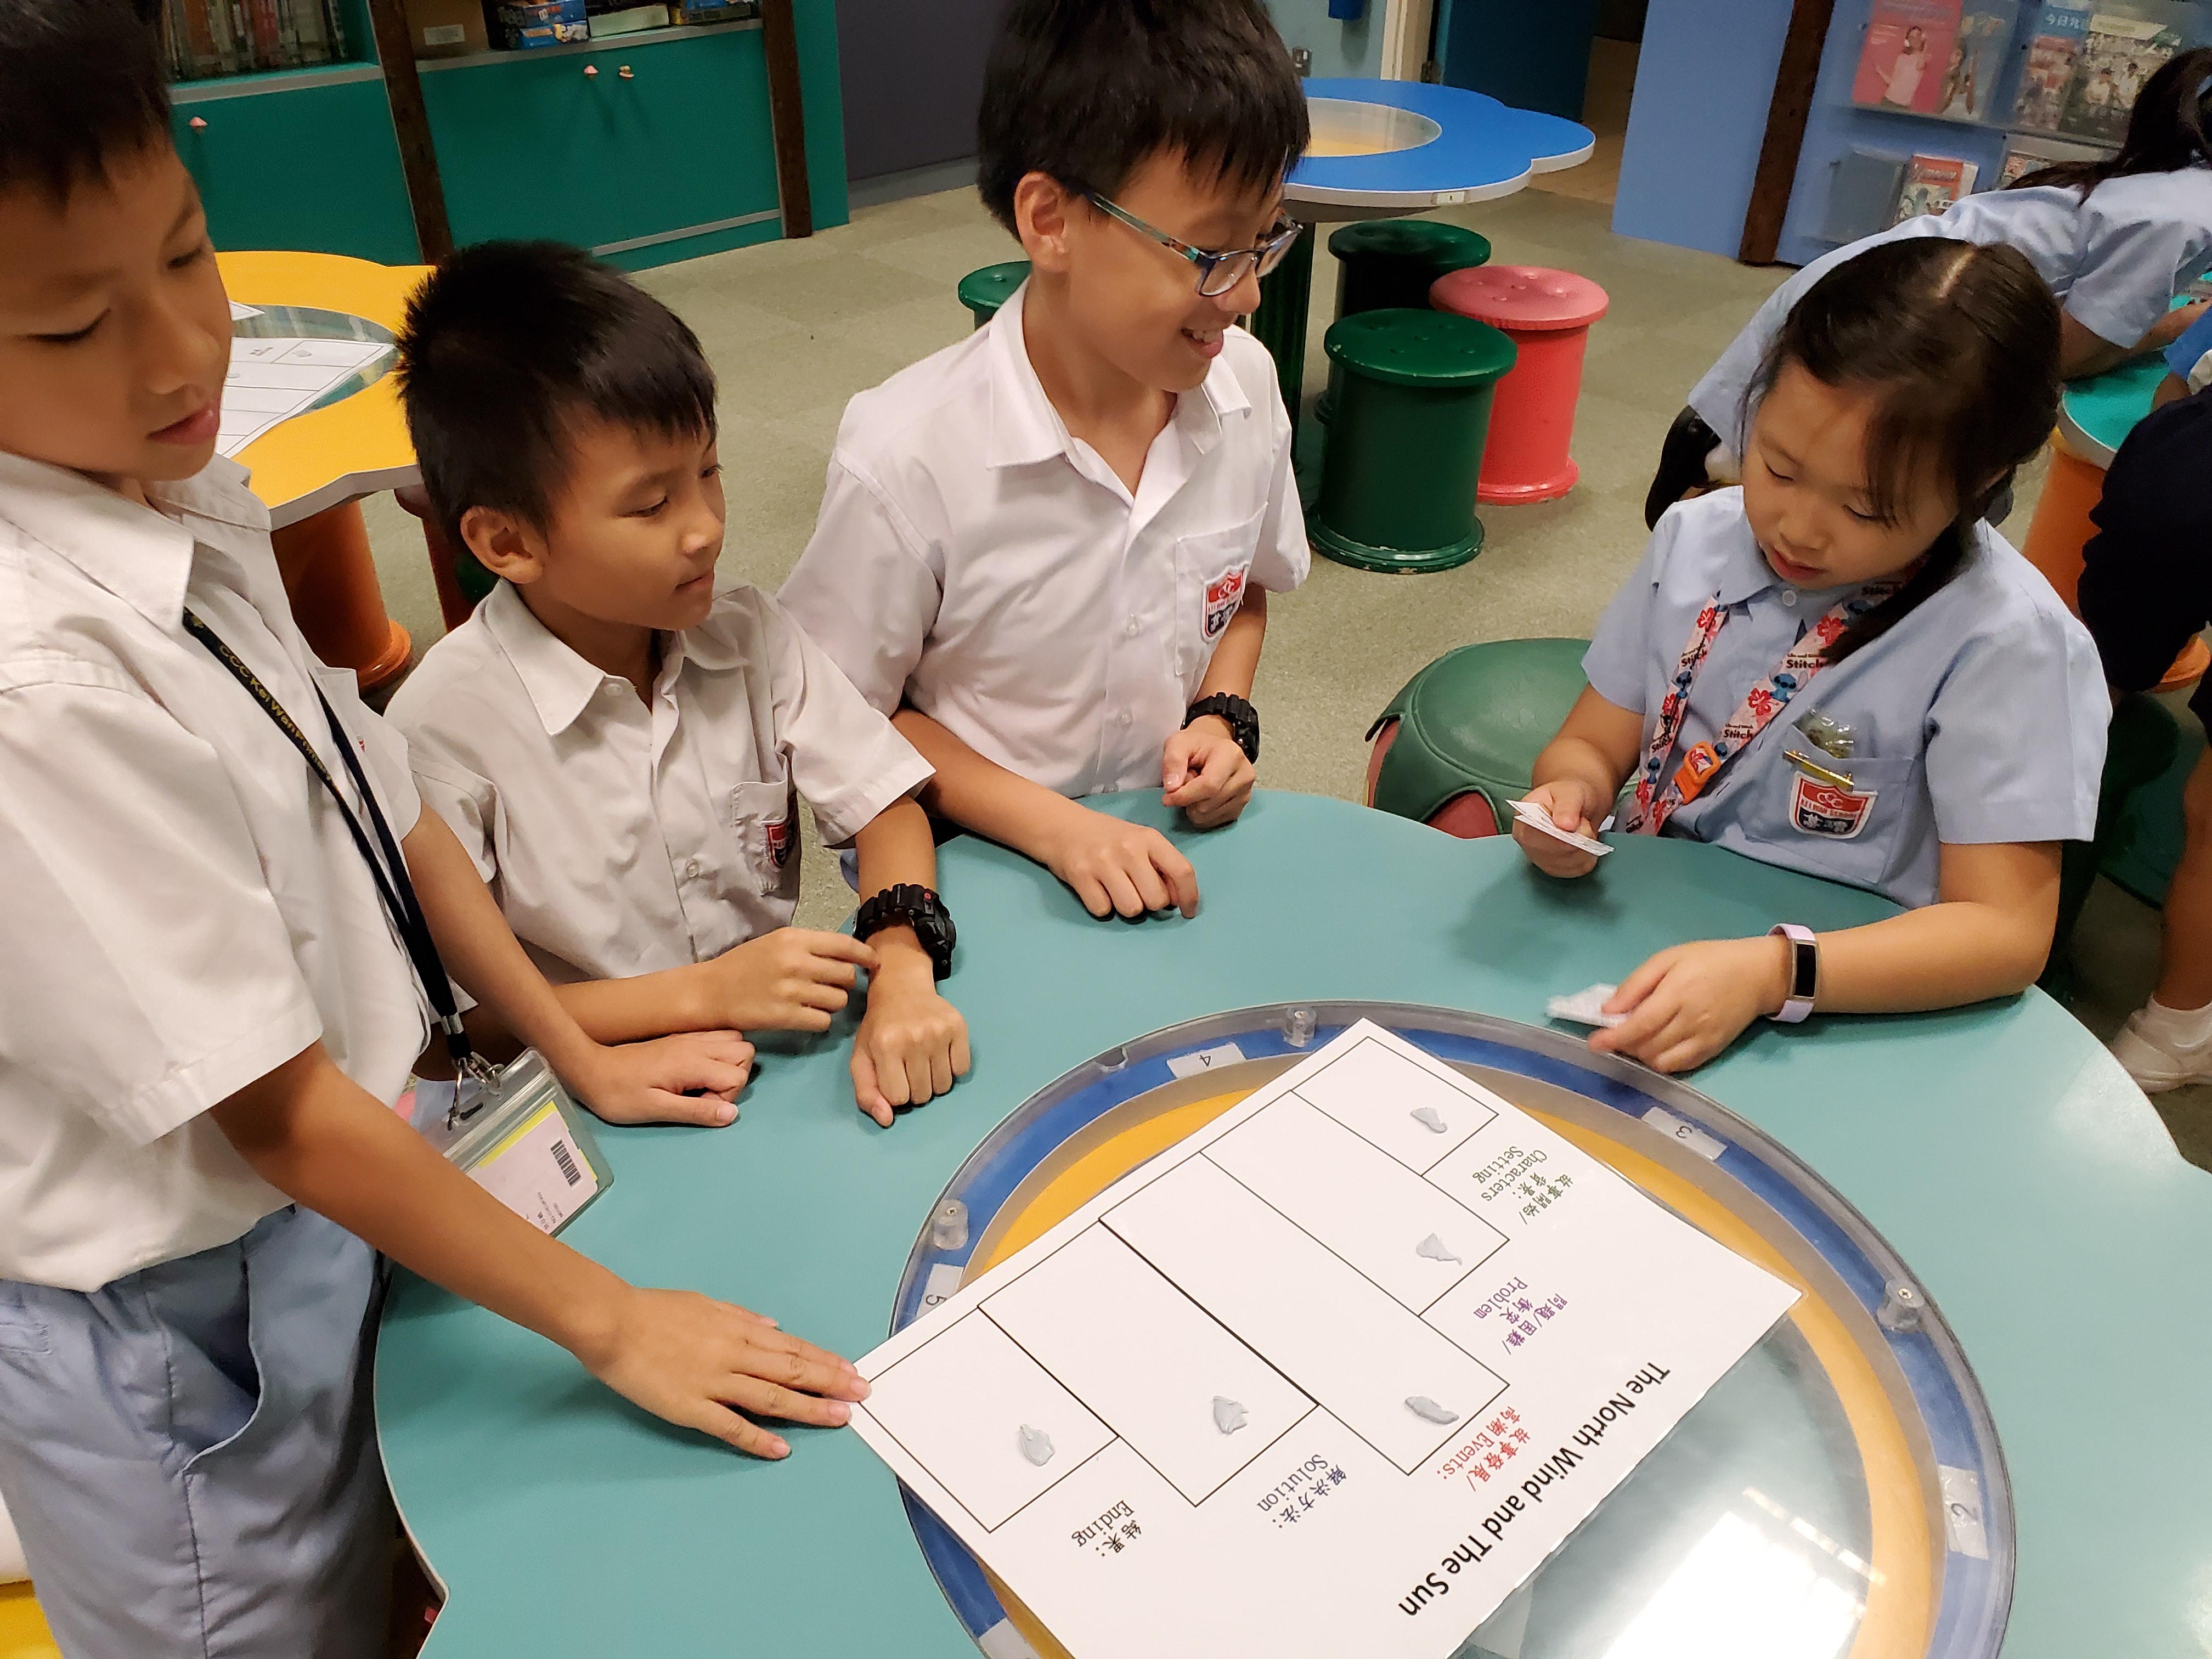 http://www.keiwan.edu.hk/sites/default/files/20191004_111408.jpg